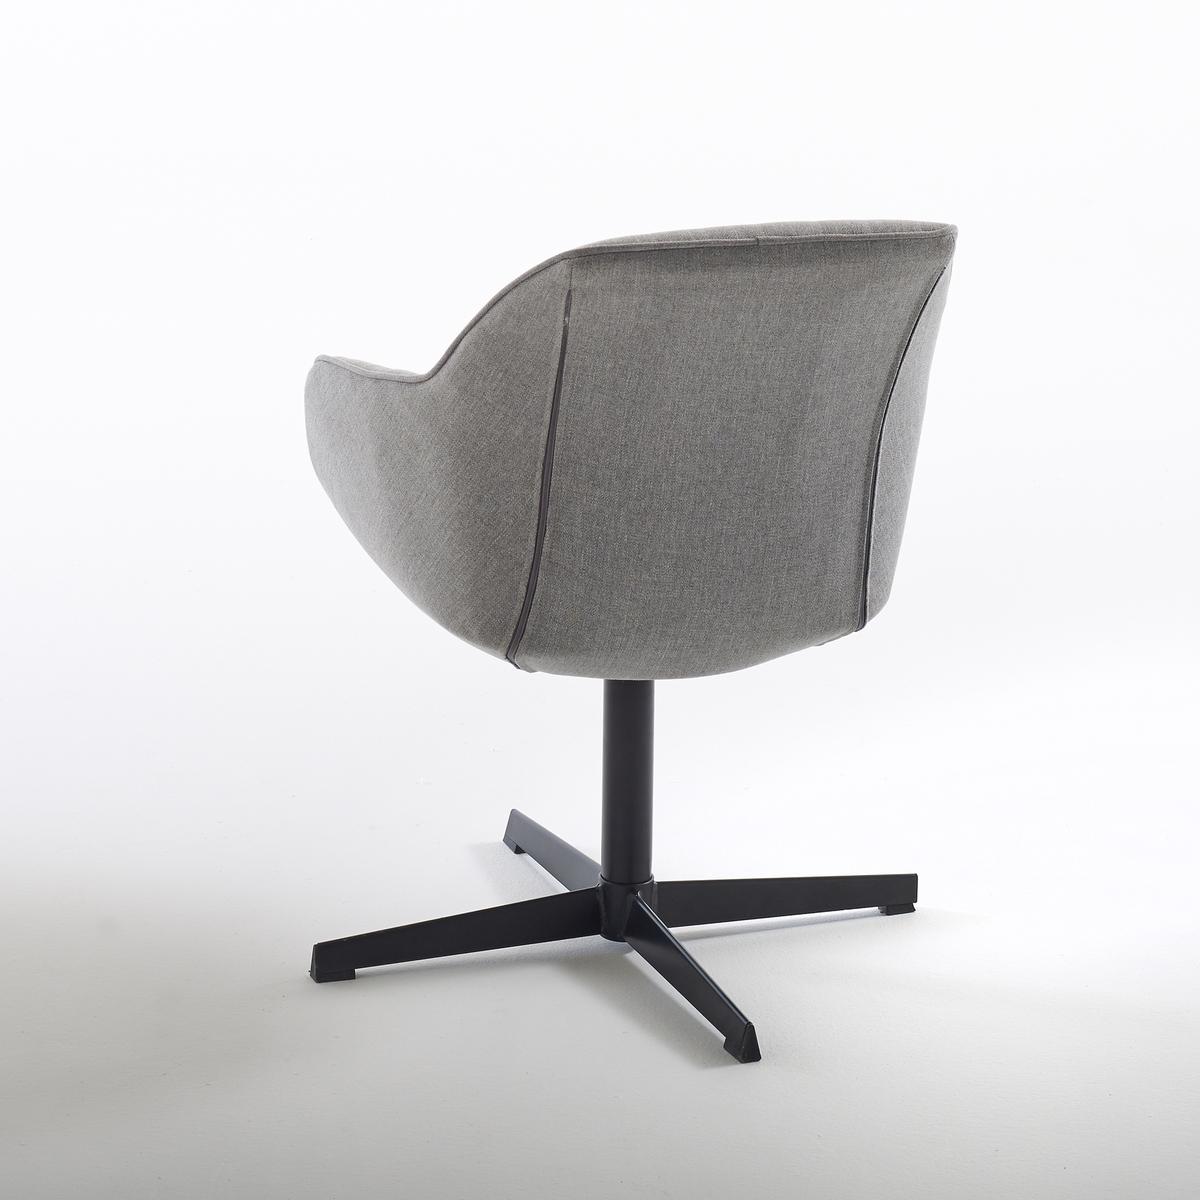 Кресло офисное поворотное NumaКресло офисное поворотное Numa. Эргономичная форма, мягкое сиденье и стёганая подкладка на спинке, благодаря этому Numa отвечают  высококлассному дизайну.Описание кресла офисного Numa :Поворотное сидение, не регулируется по высоте.Сиденье и спинка из 100% полиэстера.Прокладка пористая из полиуретана.Ножки с перекрестием из стали с эпоксидным покрытием чёрного цвета.Все стулья и кресла офисные Вы найдёте на сайте laredoute.ruРазмеры кресла офисного Numa :ОбщиеШирина : 64,5 смВысота : 79 смГлубина : 67,5 см.Сиденье : длина 41 x высота 45 x глубина 43,5 смНожки : высота 32 смОснование : ?64,5 смРазмеры и вес упаковки :1 упаковкадлина 62 x высота 53,5 x глубина 58,5 см11 кг.Доставка :Ваше кресло офисное поворотное Numa продаётся в сборе. Возможна доставка до квартиры !Внимание ! Убедитесь, что товар возможно доставить на дом, учитывая его габариты (проходит в двери, по лестницам, в лифты).<br><br>Цвет: светло-серый<br>Размер: единый размер